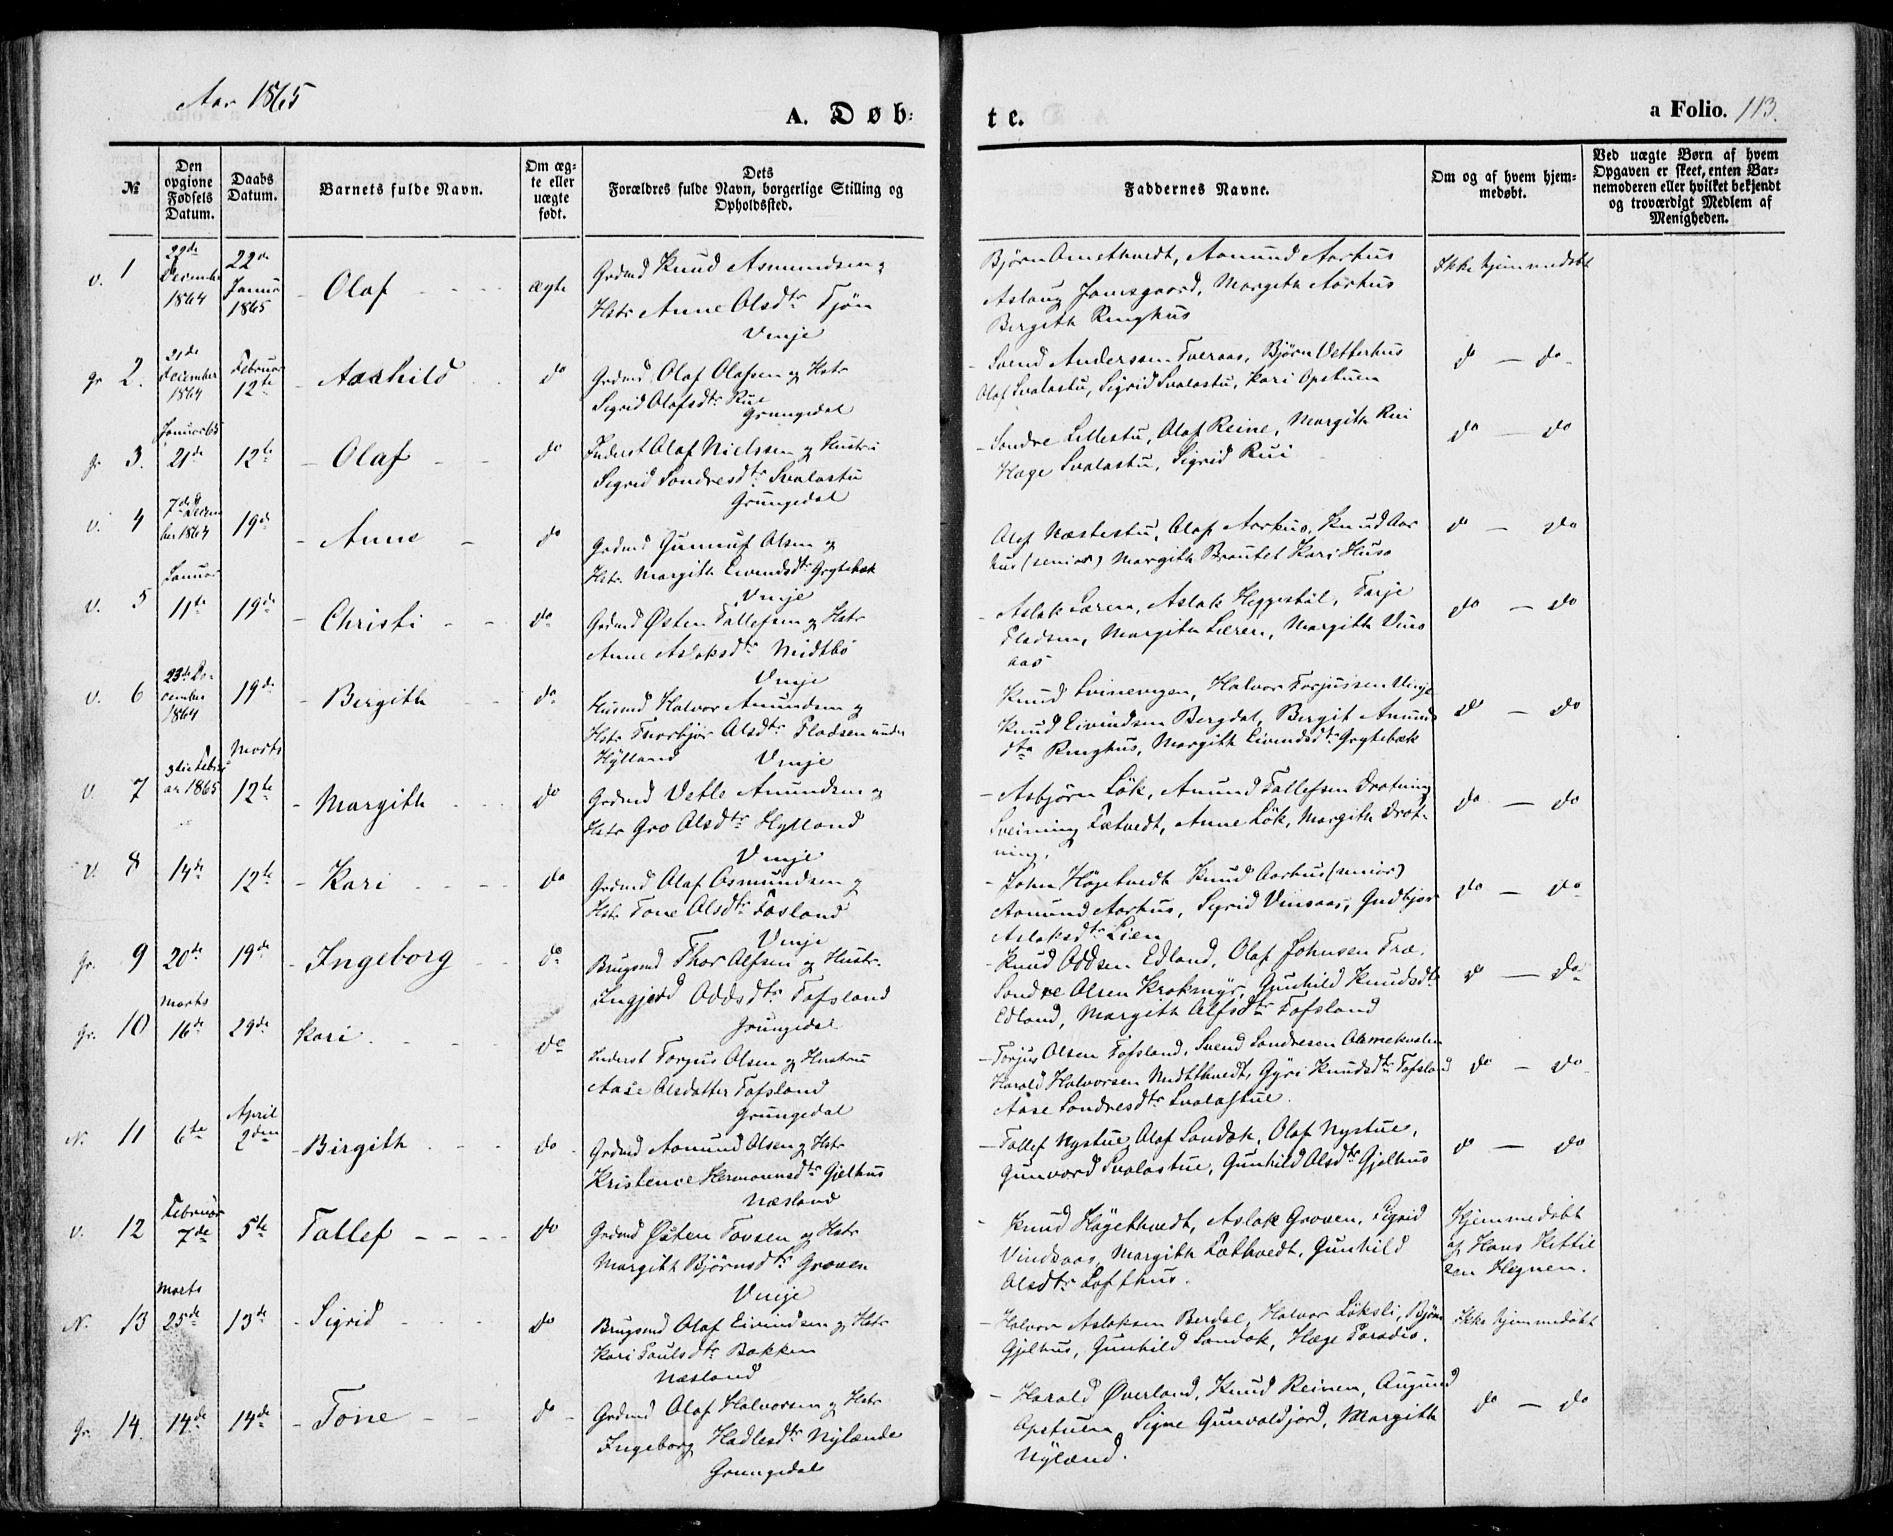 SAKO, Vinje kirkebøker, F/Fa/L0004: Ministerialbok nr. I 4, 1843-1869, s. 113